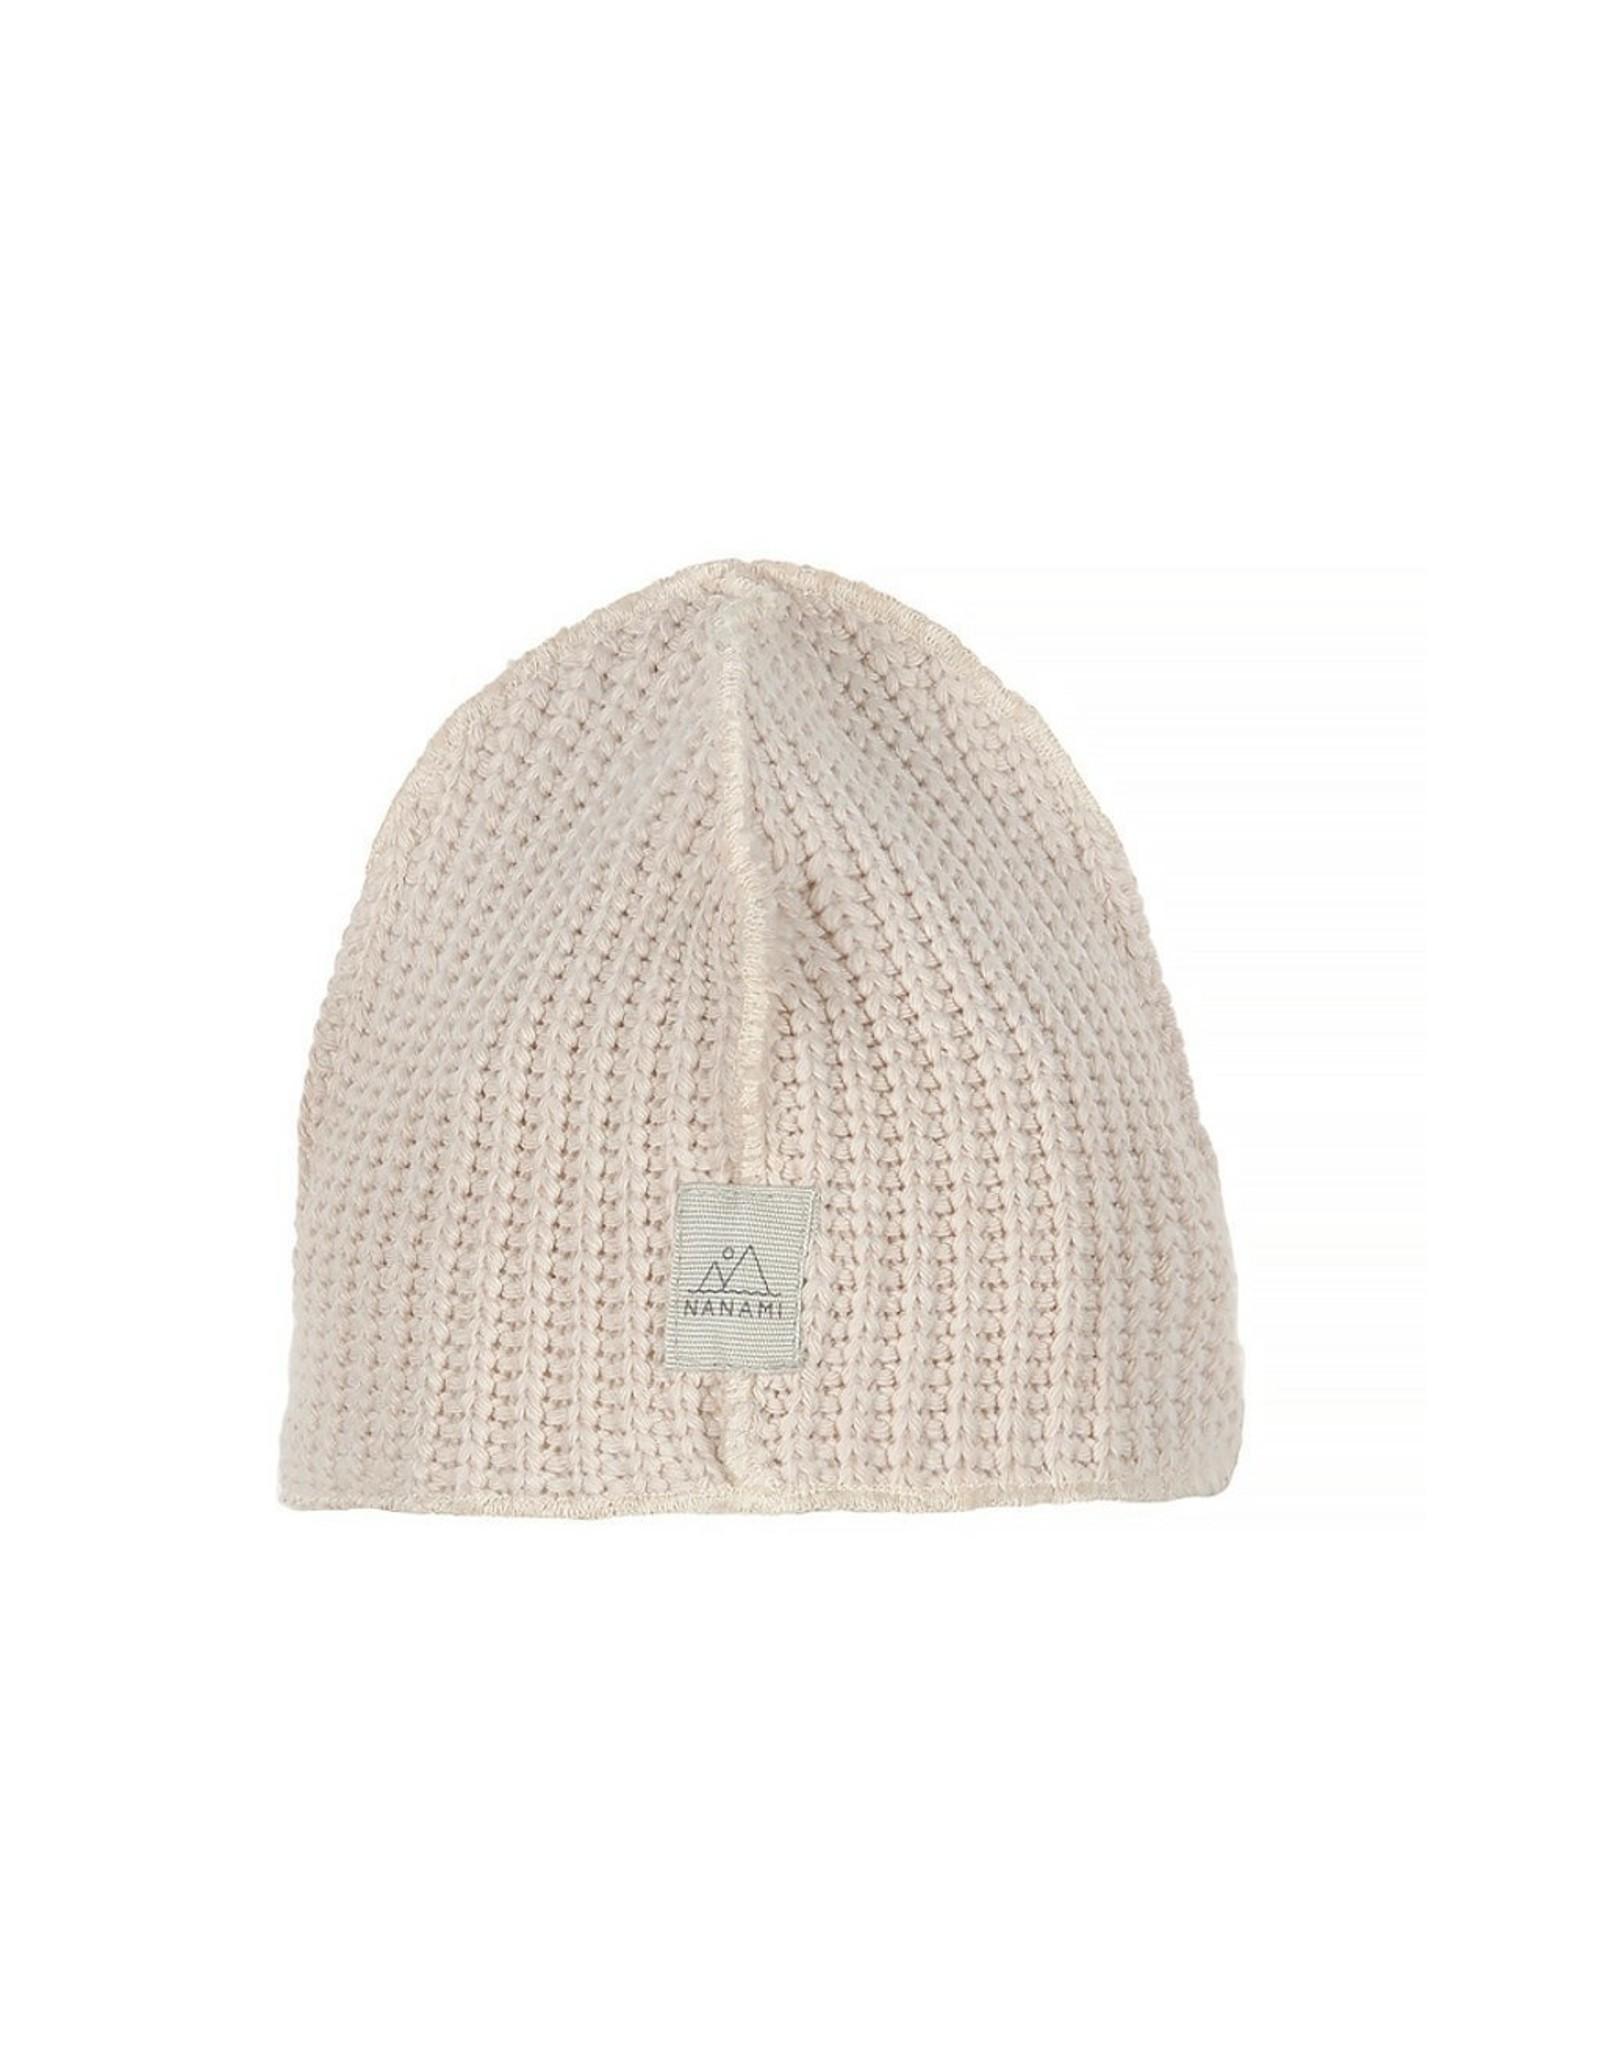 Nanami Nanami Baby Knit Rib Hat  Naturel